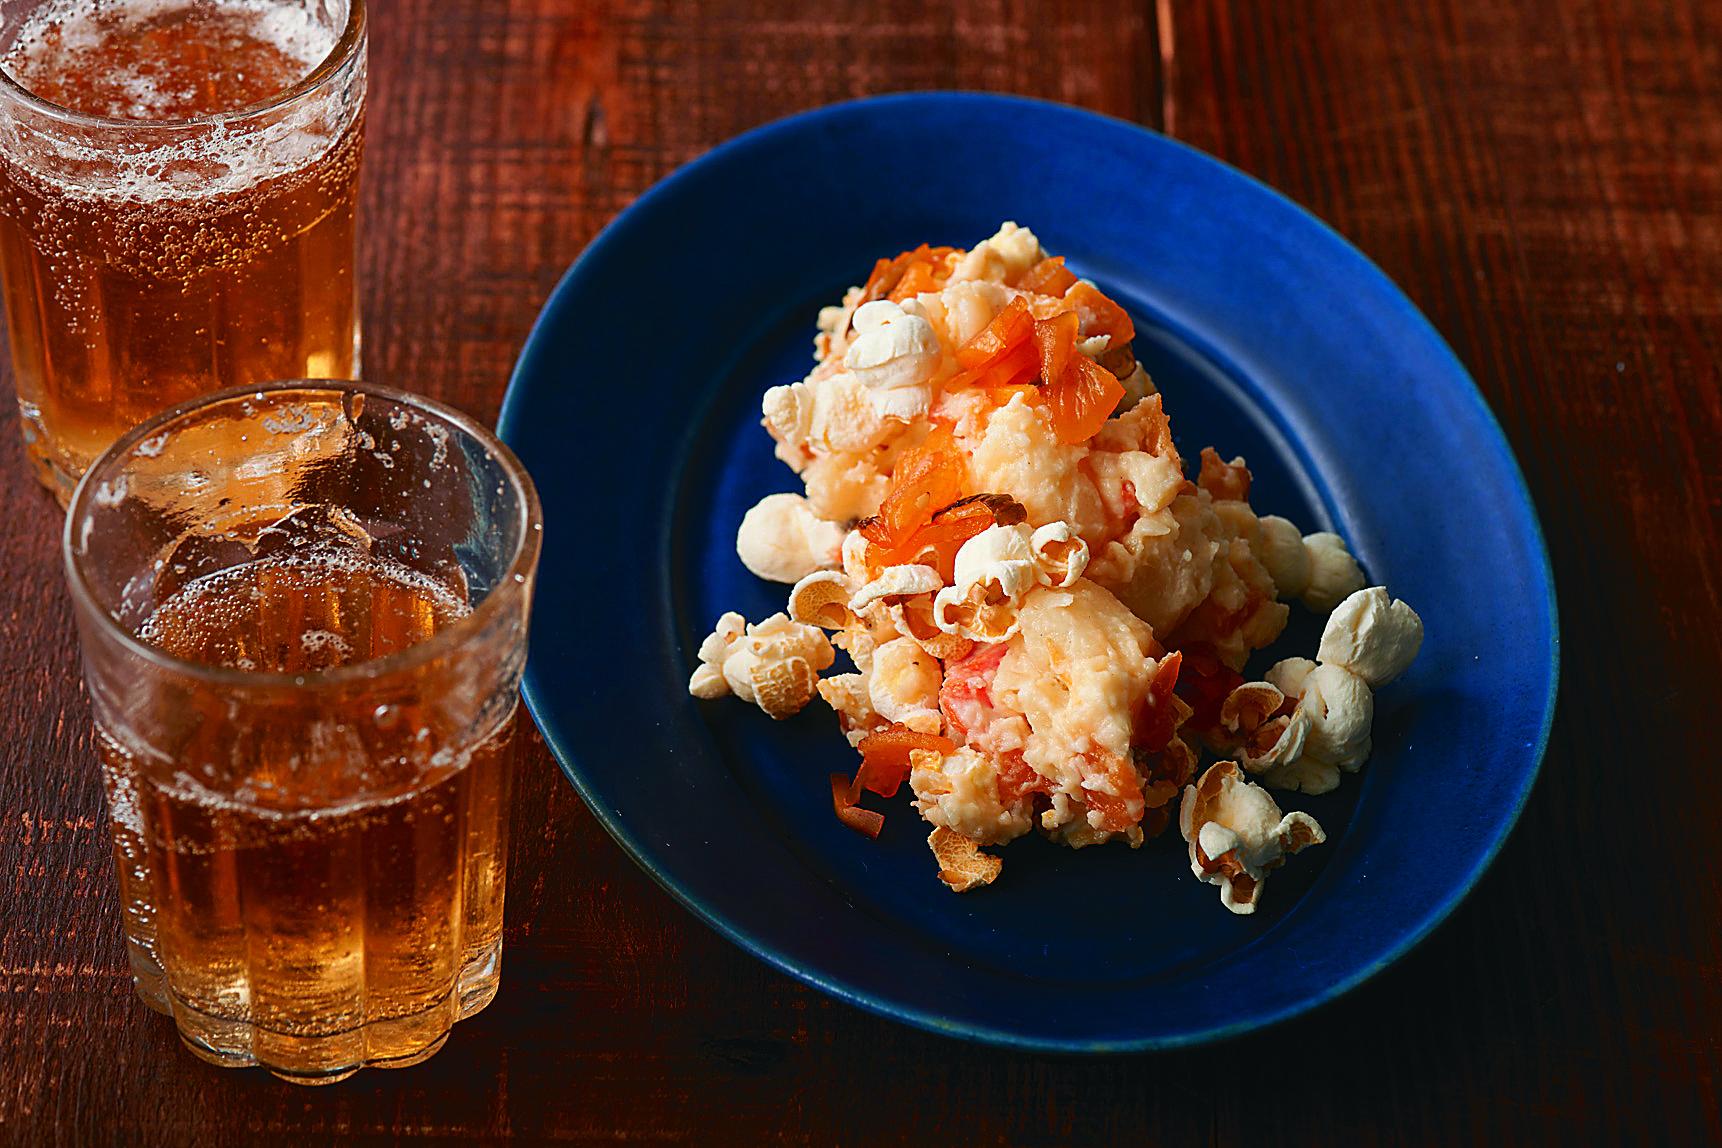 【コンビニ飯レシピ】セブンイレブンの商品で作るおつまみ チーズ海苔おでん/やみつきポテトサラダ